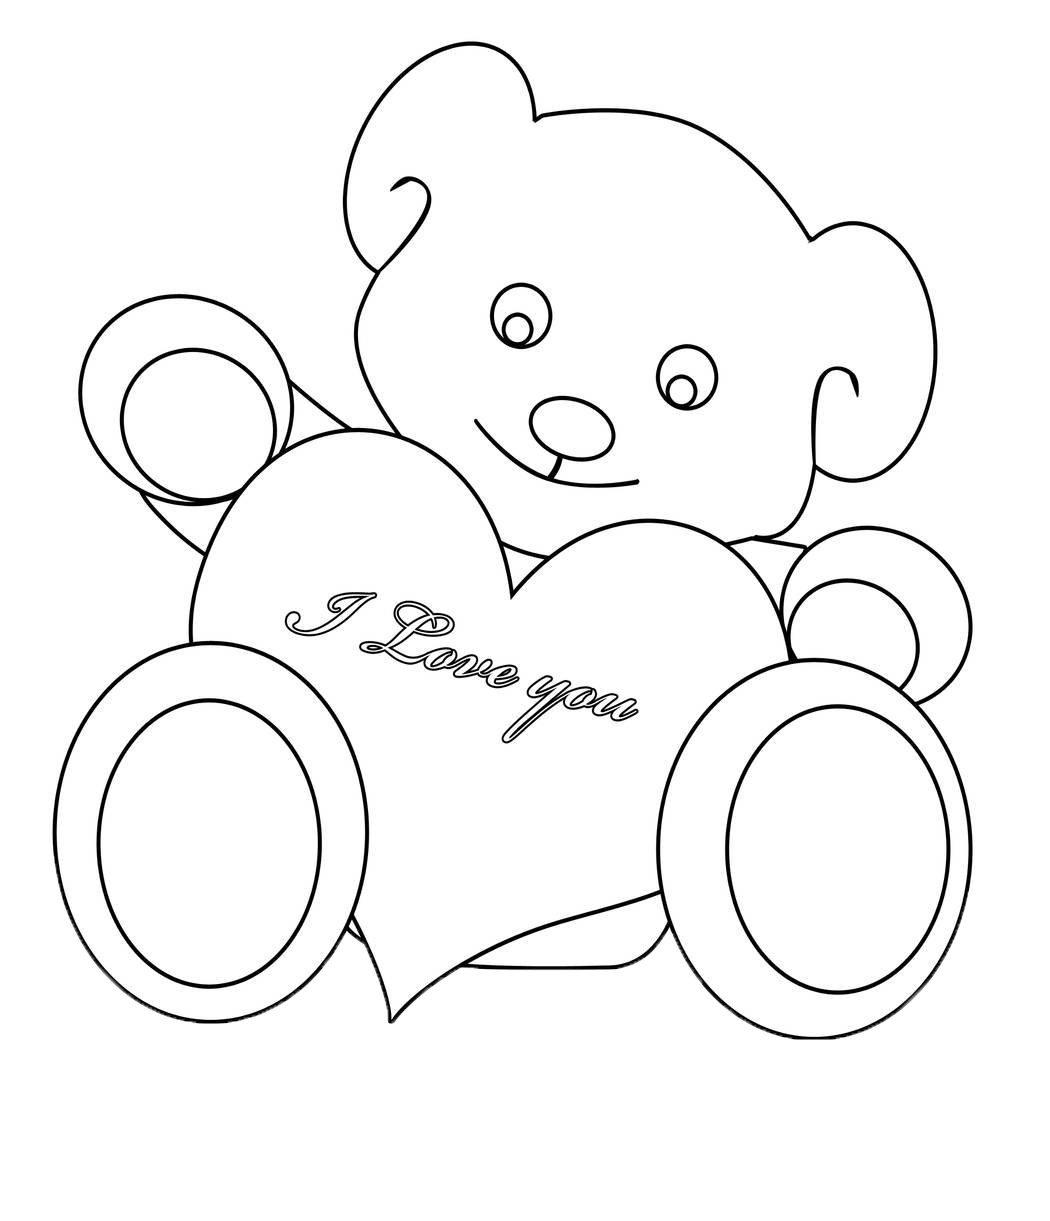 Frei Bedruckbare Teddybar Malvorlagen - Malvorlagen Für Kinder innen Ausmalbild Teddy